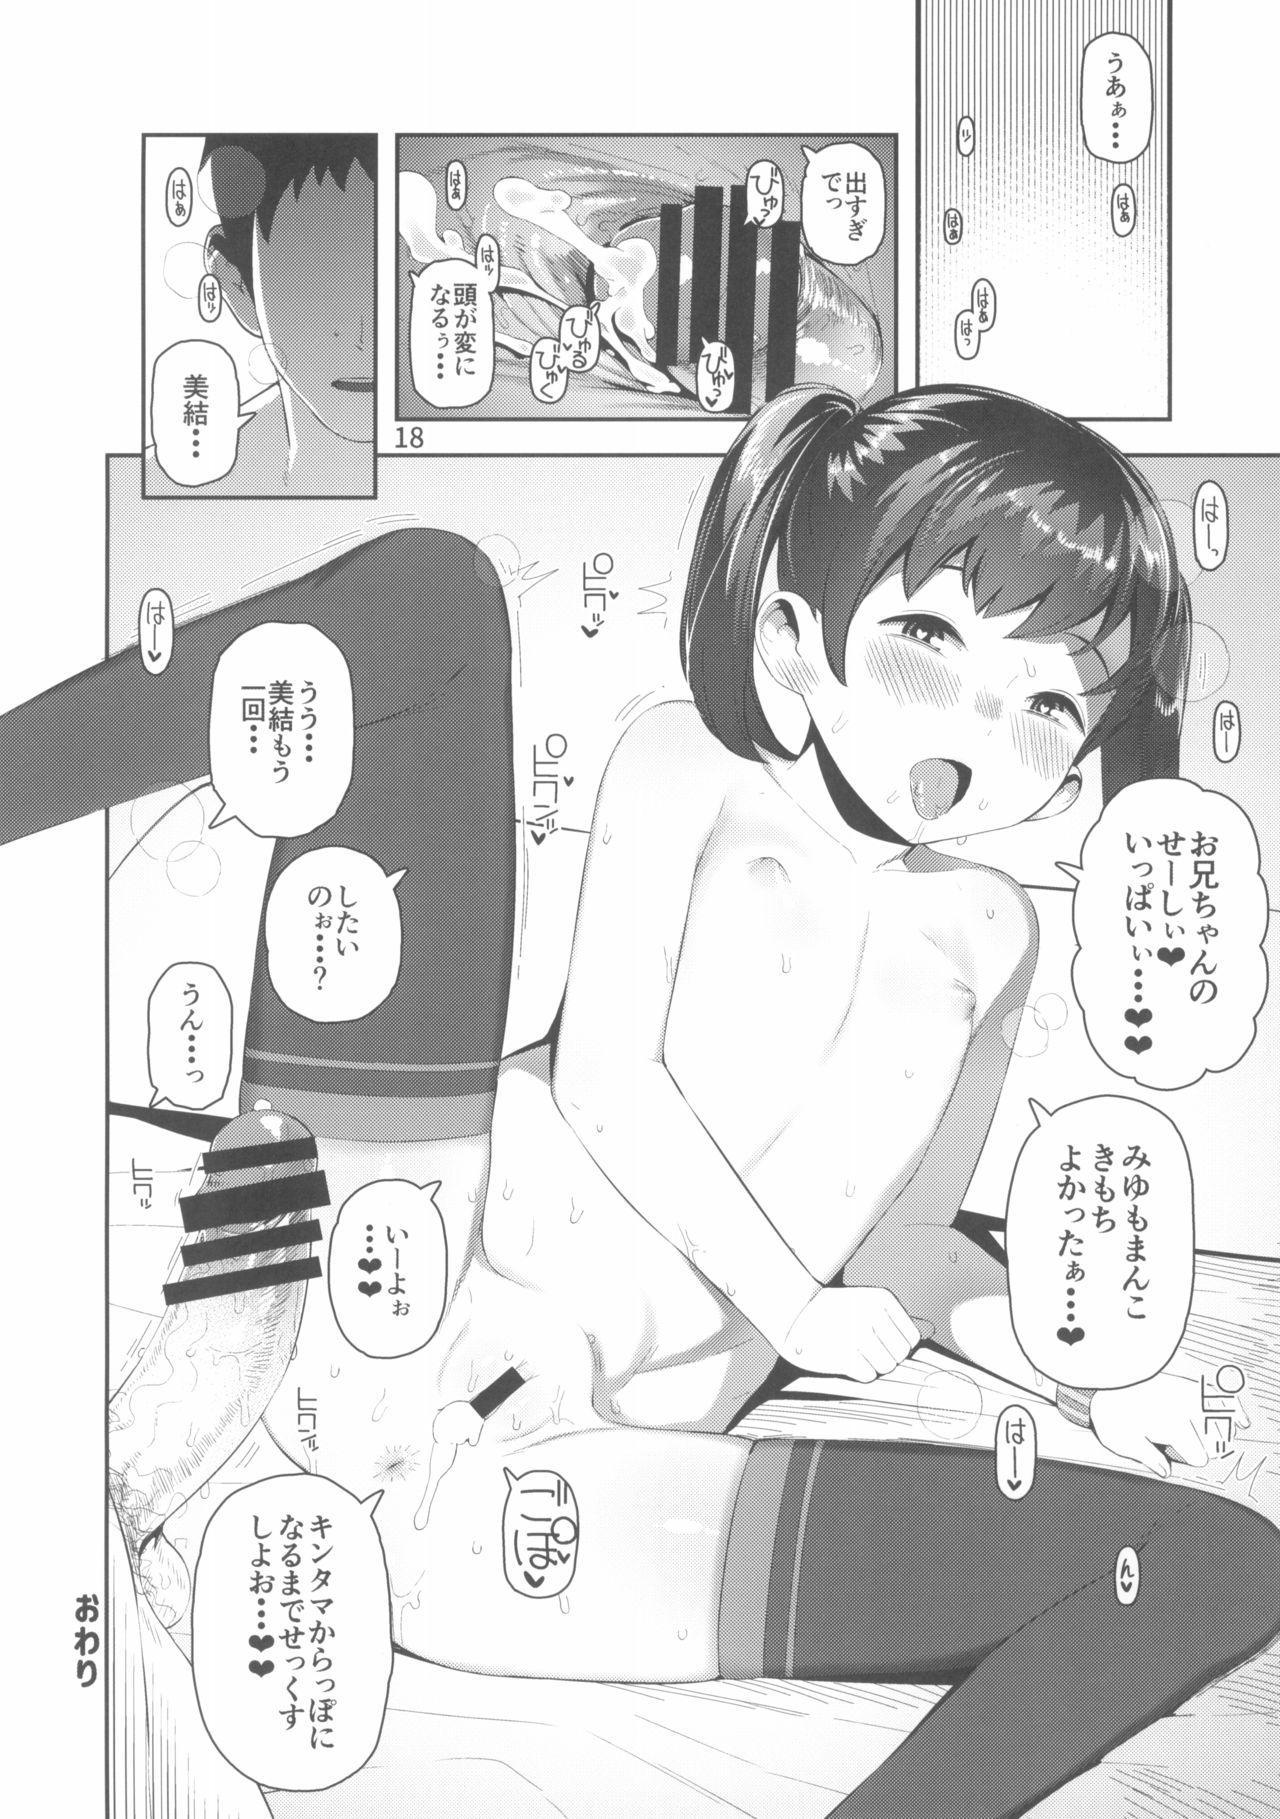 Ecchi Daisuki Miyu-chan 19